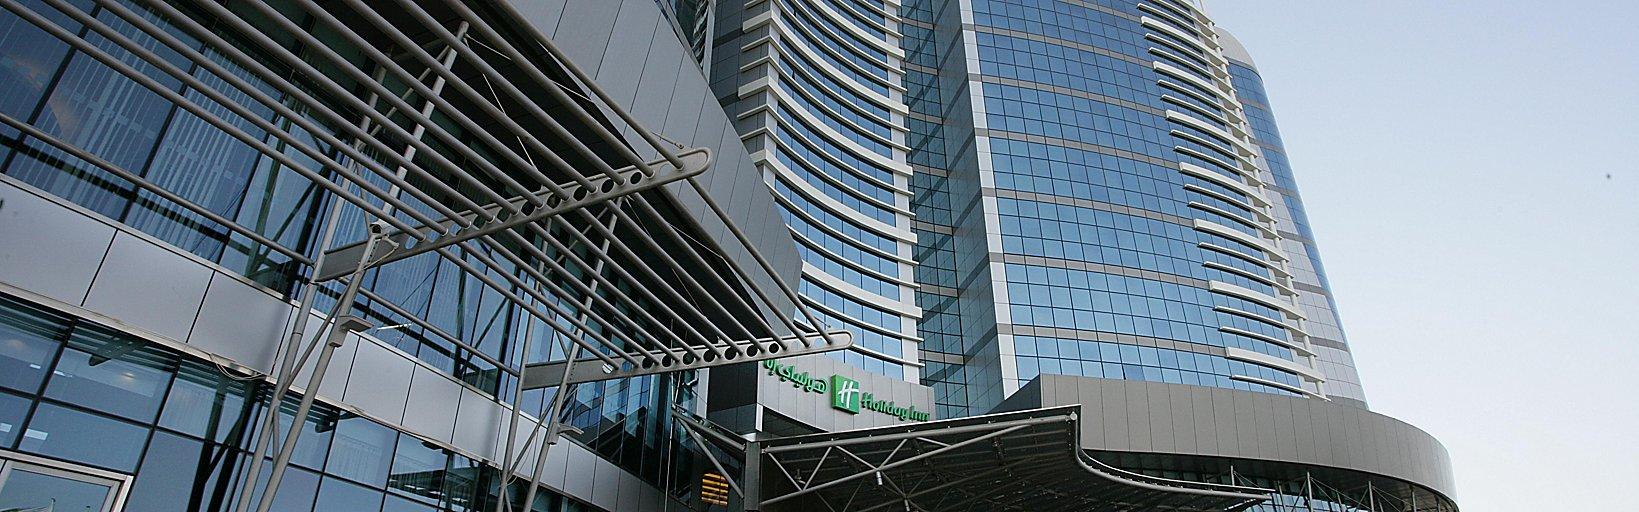 Holiday Inn Abu Dhabi Hotel by IHG